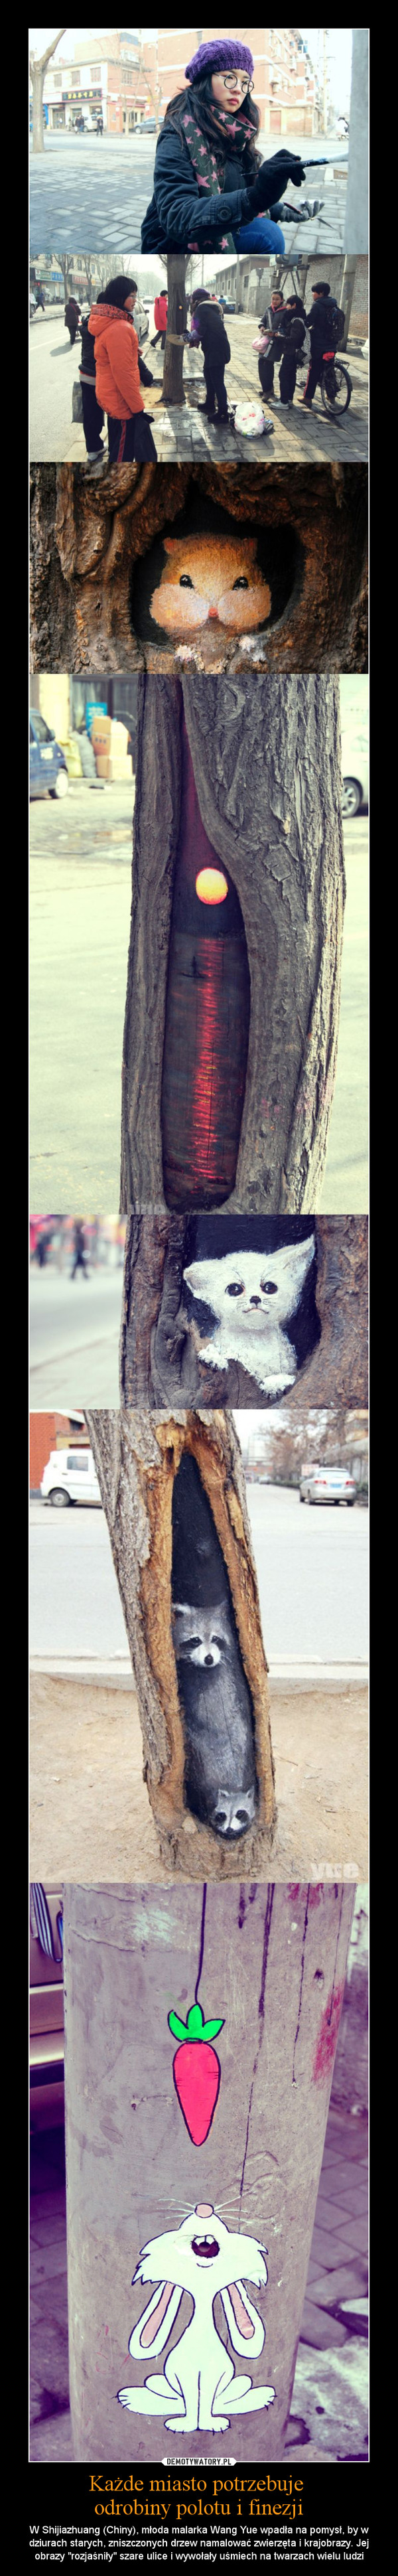 """Każde miasto potrzebuje odrobiny polotu i finezji – W Shijiazhuang (Chiny), młoda malarka Wang Yue wpadła na pomysł, by w dziurach starych, zniszczonych drzew namalować zwierzęta i krajobrazy. Jej obrazy """"rozjaśniły"""" szare ulice i wywołały uśmiech na twarzach wielu ludzi"""